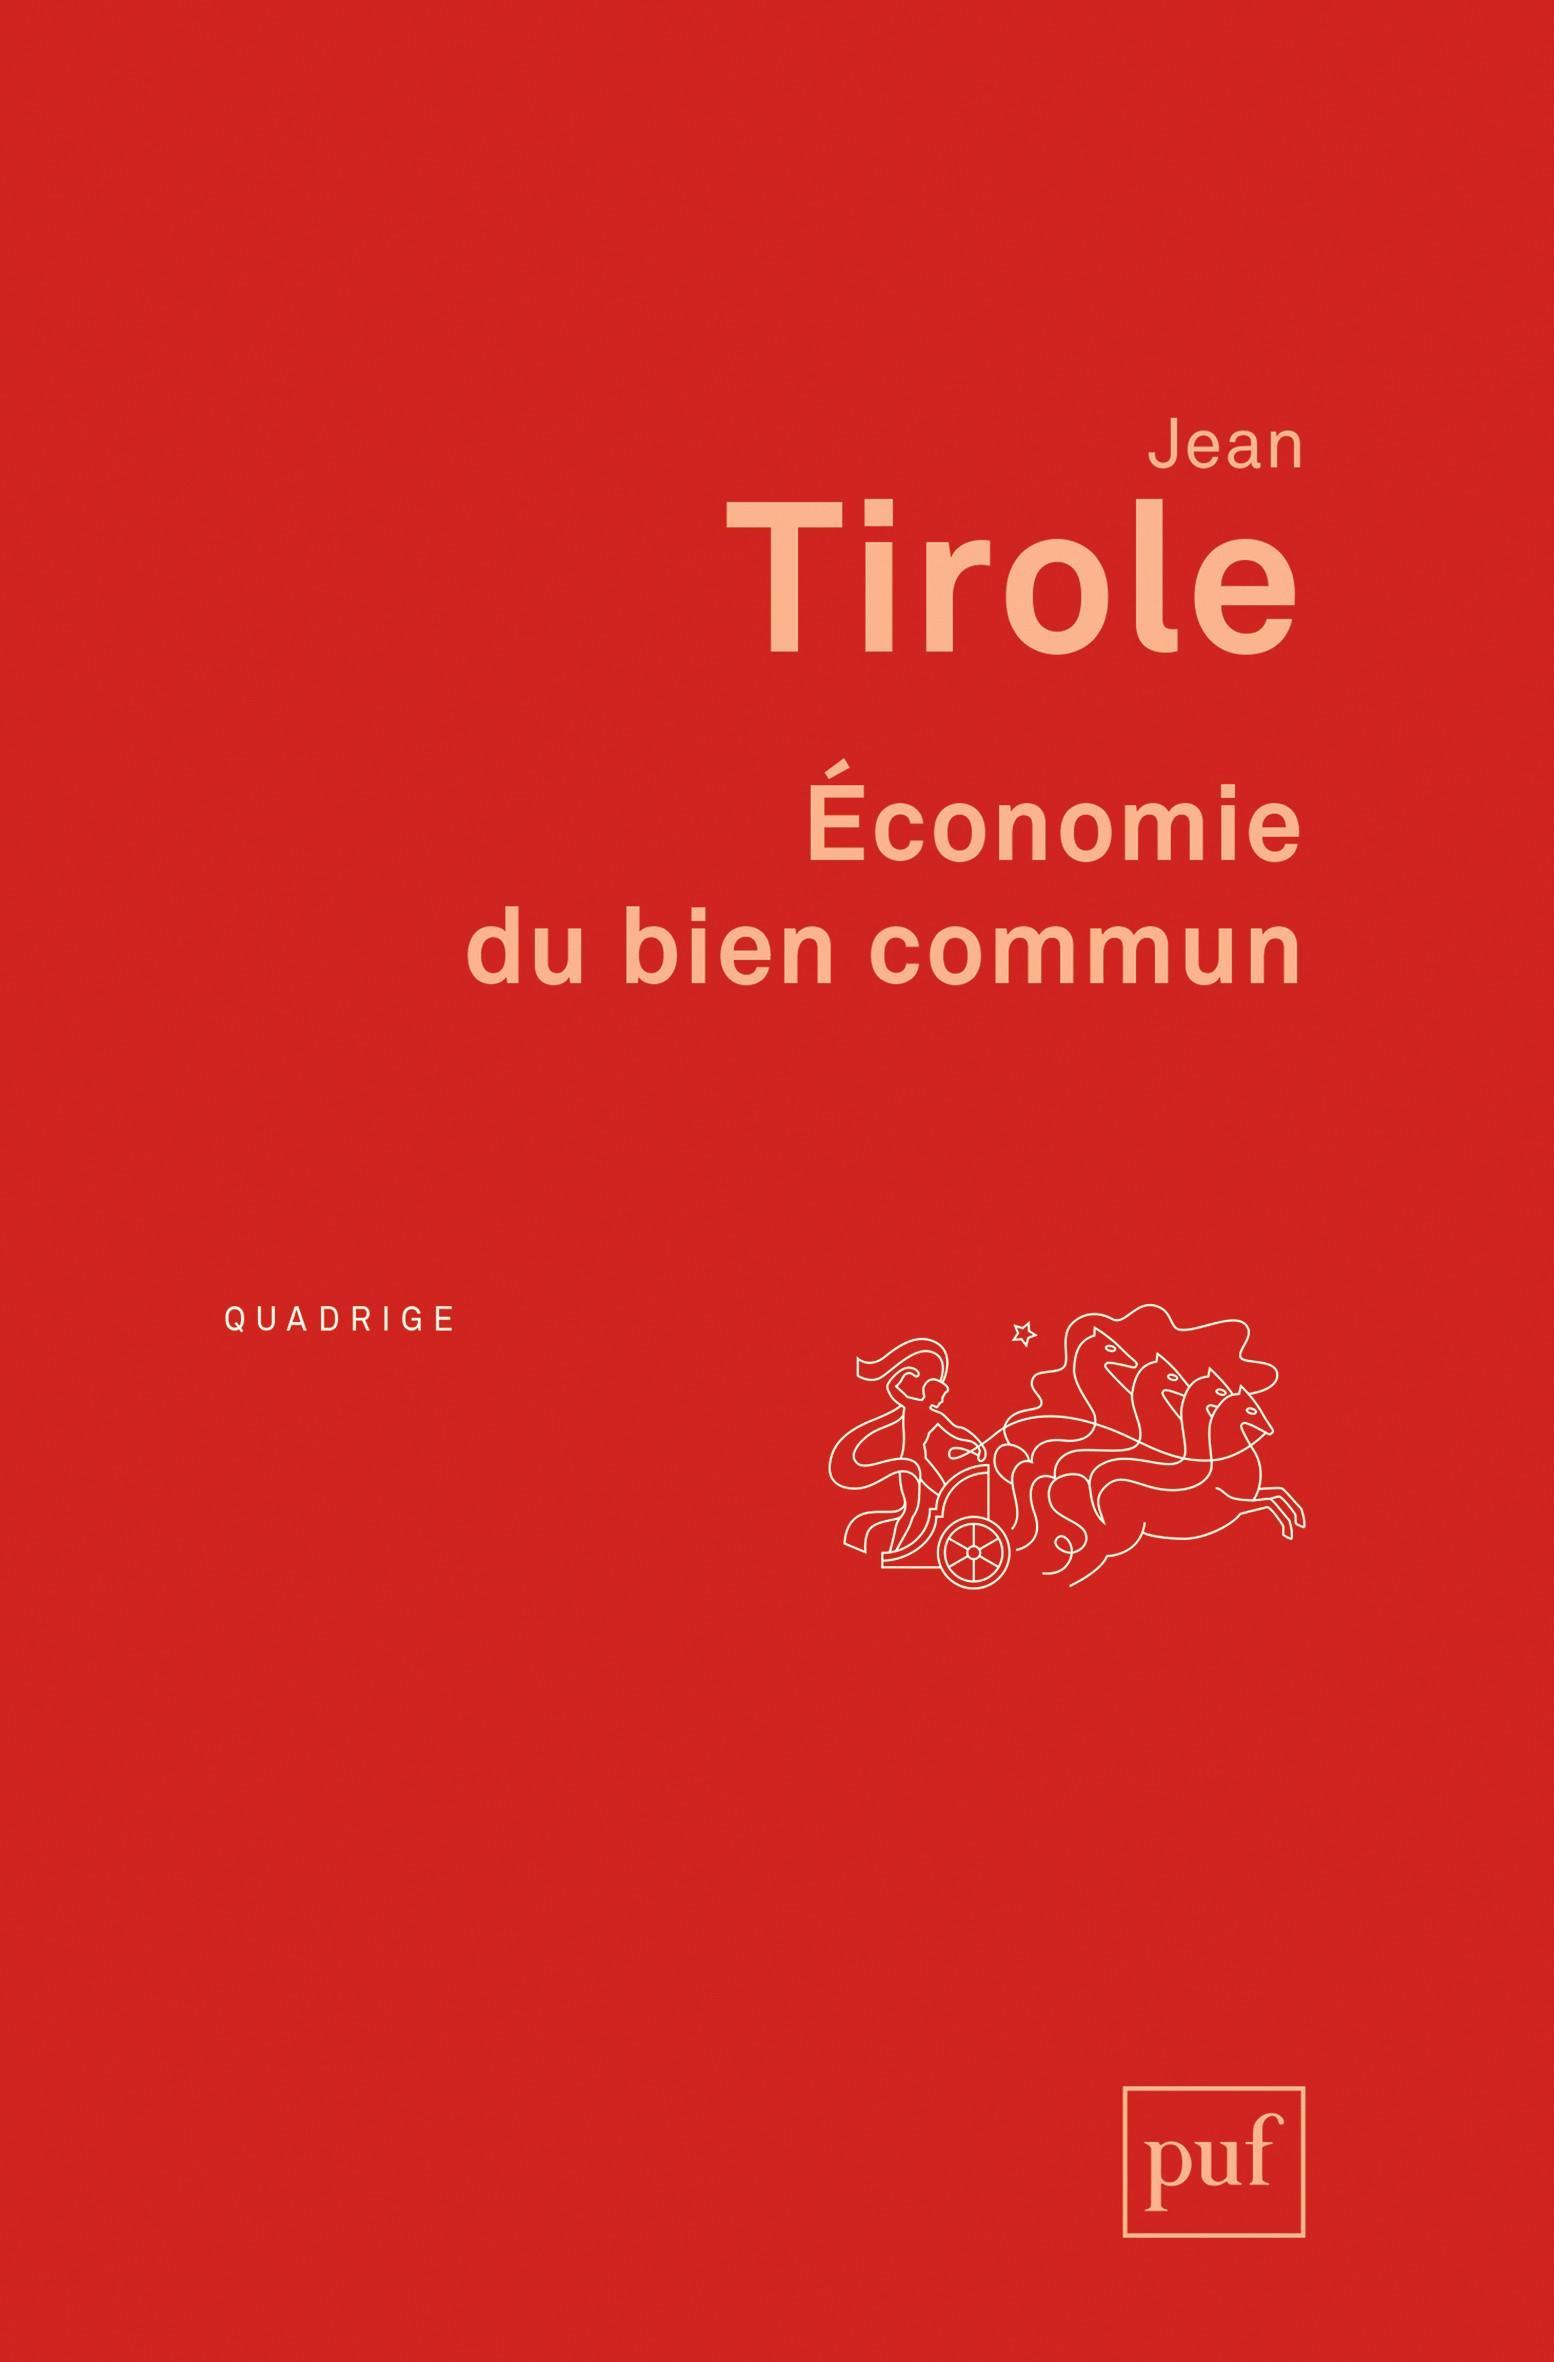 Jean Tirole Économie du bien commun, PUF, 2016